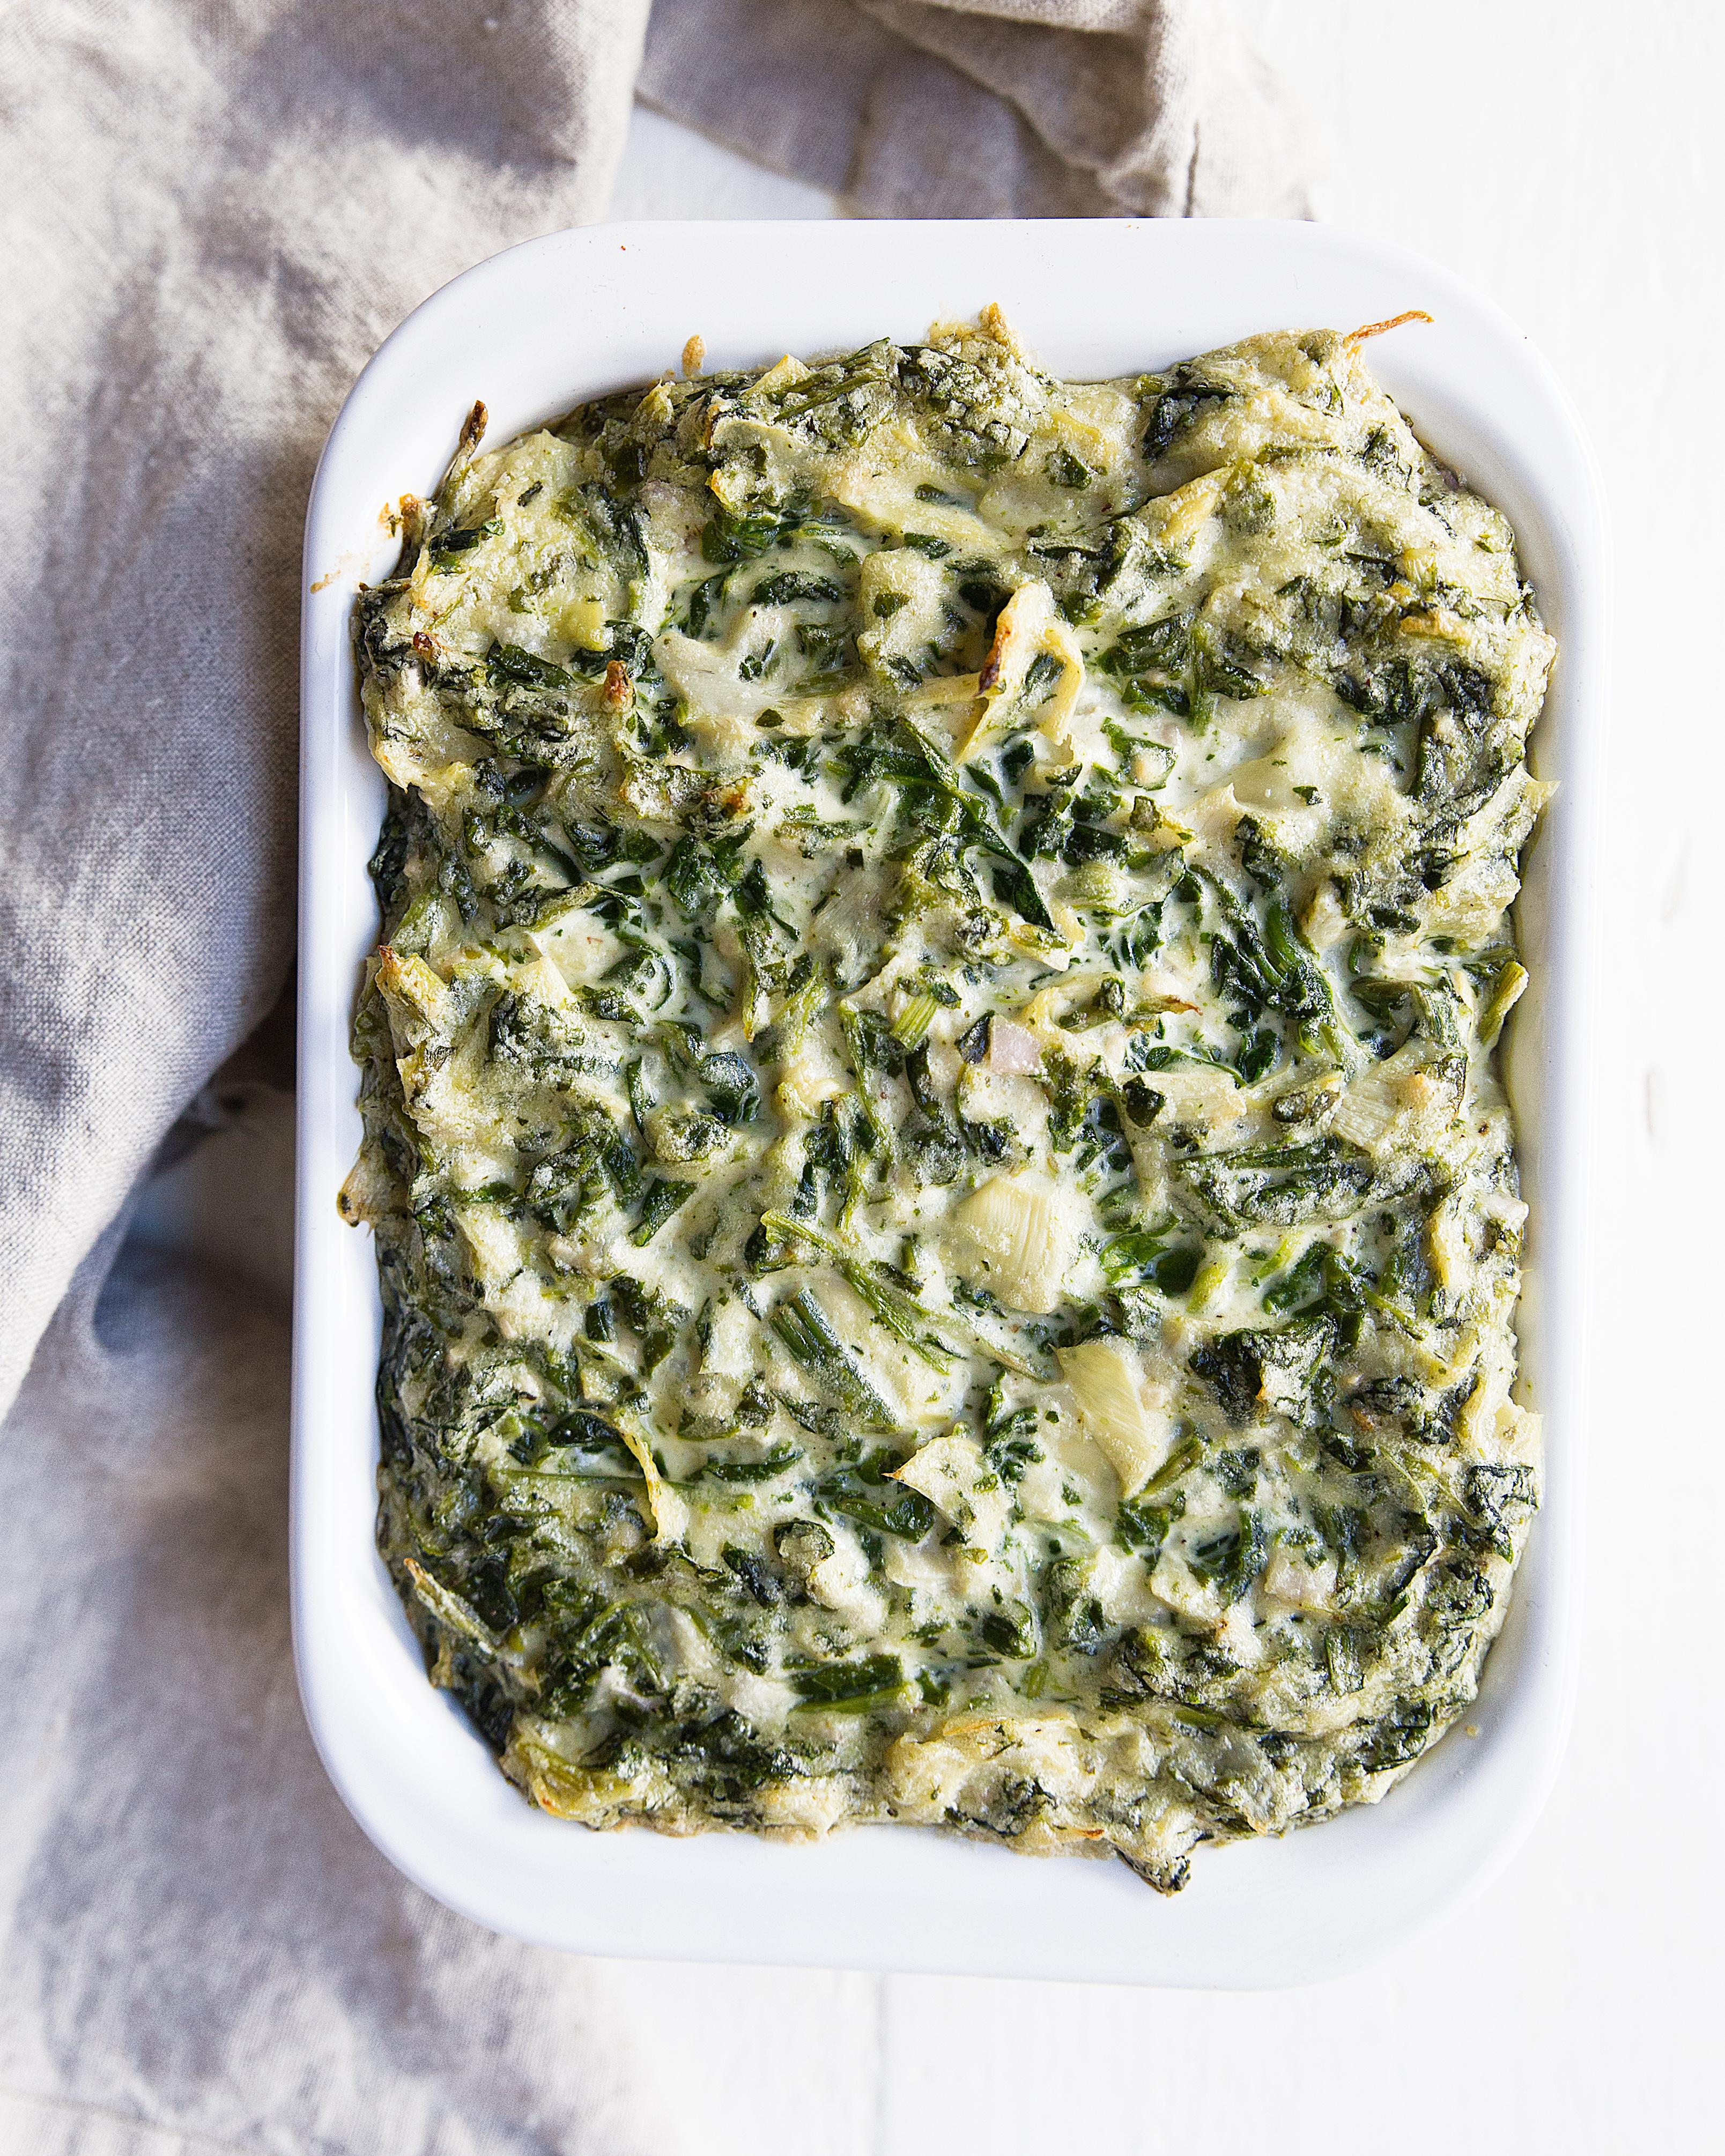 Spinach Artichoke Dip 1